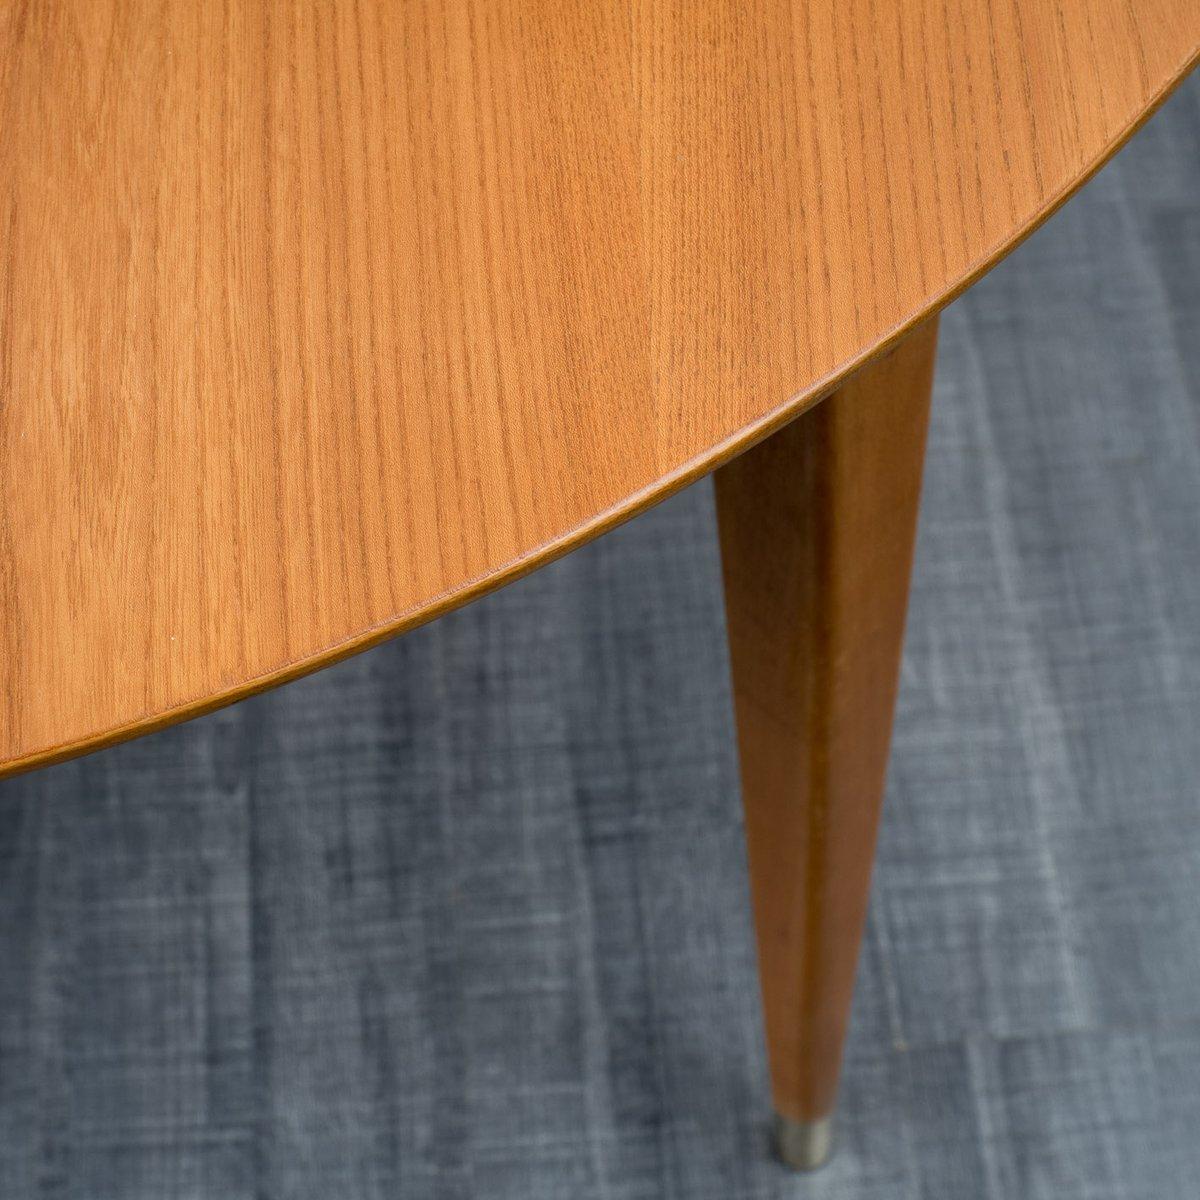 runder ausziehbarer esche esszimmertisch von hainke 1950er bei pamono kaufen. Black Bedroom Furniture Sets. Home Design Ideas